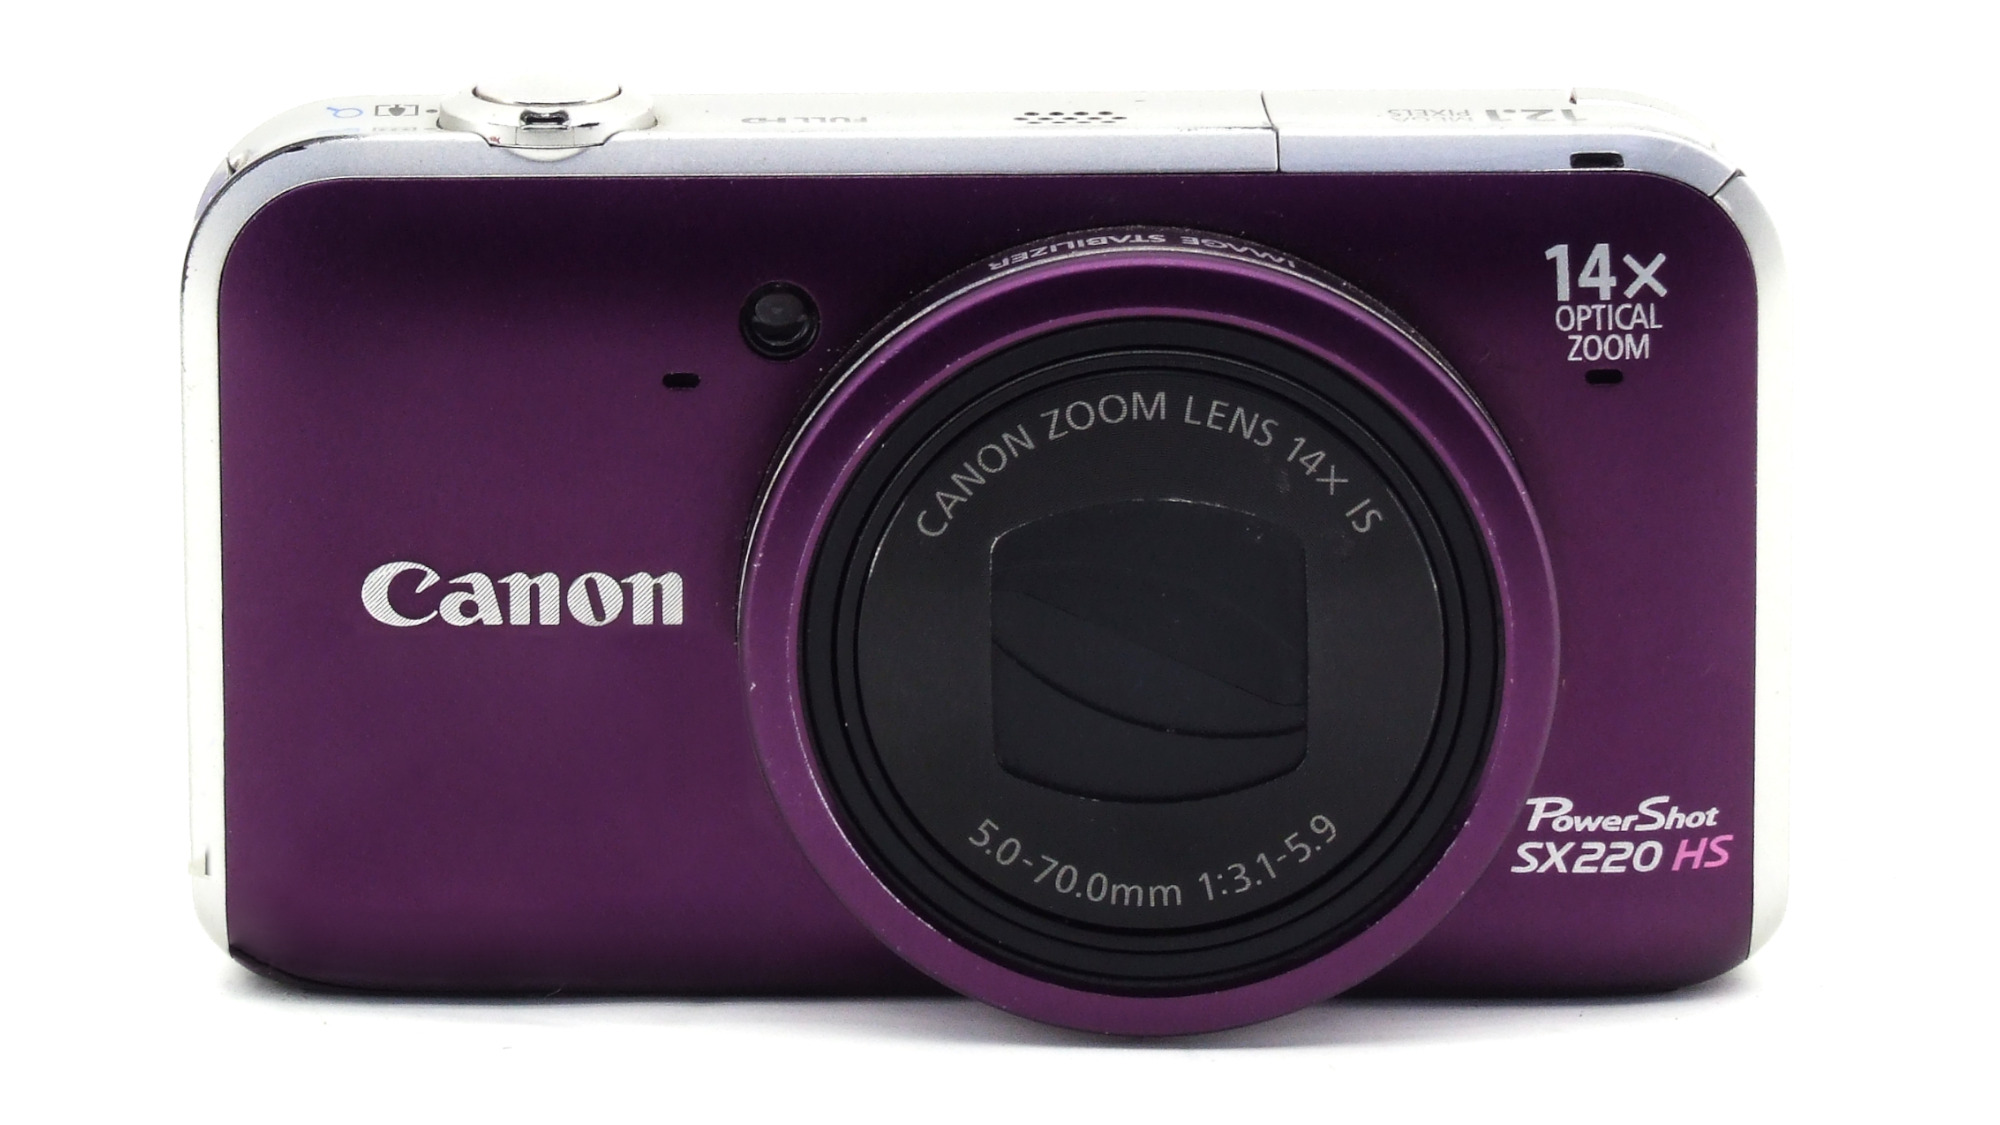 Digitalkamera Powershot SX220 leihen